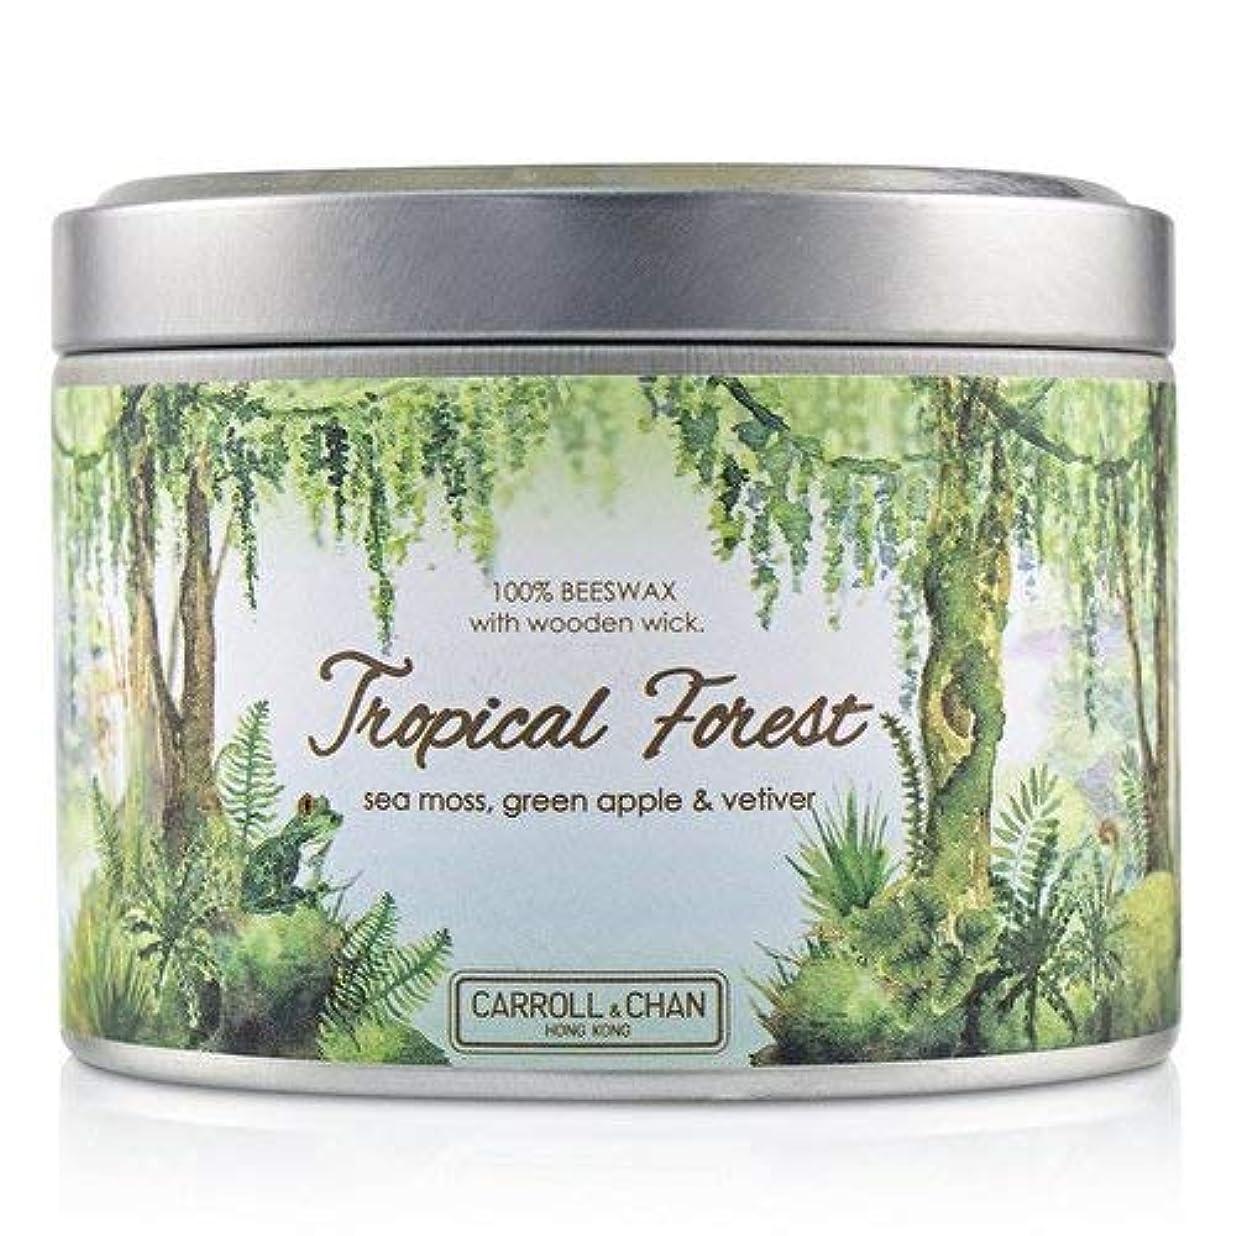 ボイラー証言するバナナキャンドル?カンパニー Tin Can 100% Beeswax Candle with Wooden Wick - Tropical Forest (8x5) cm並行輸入品